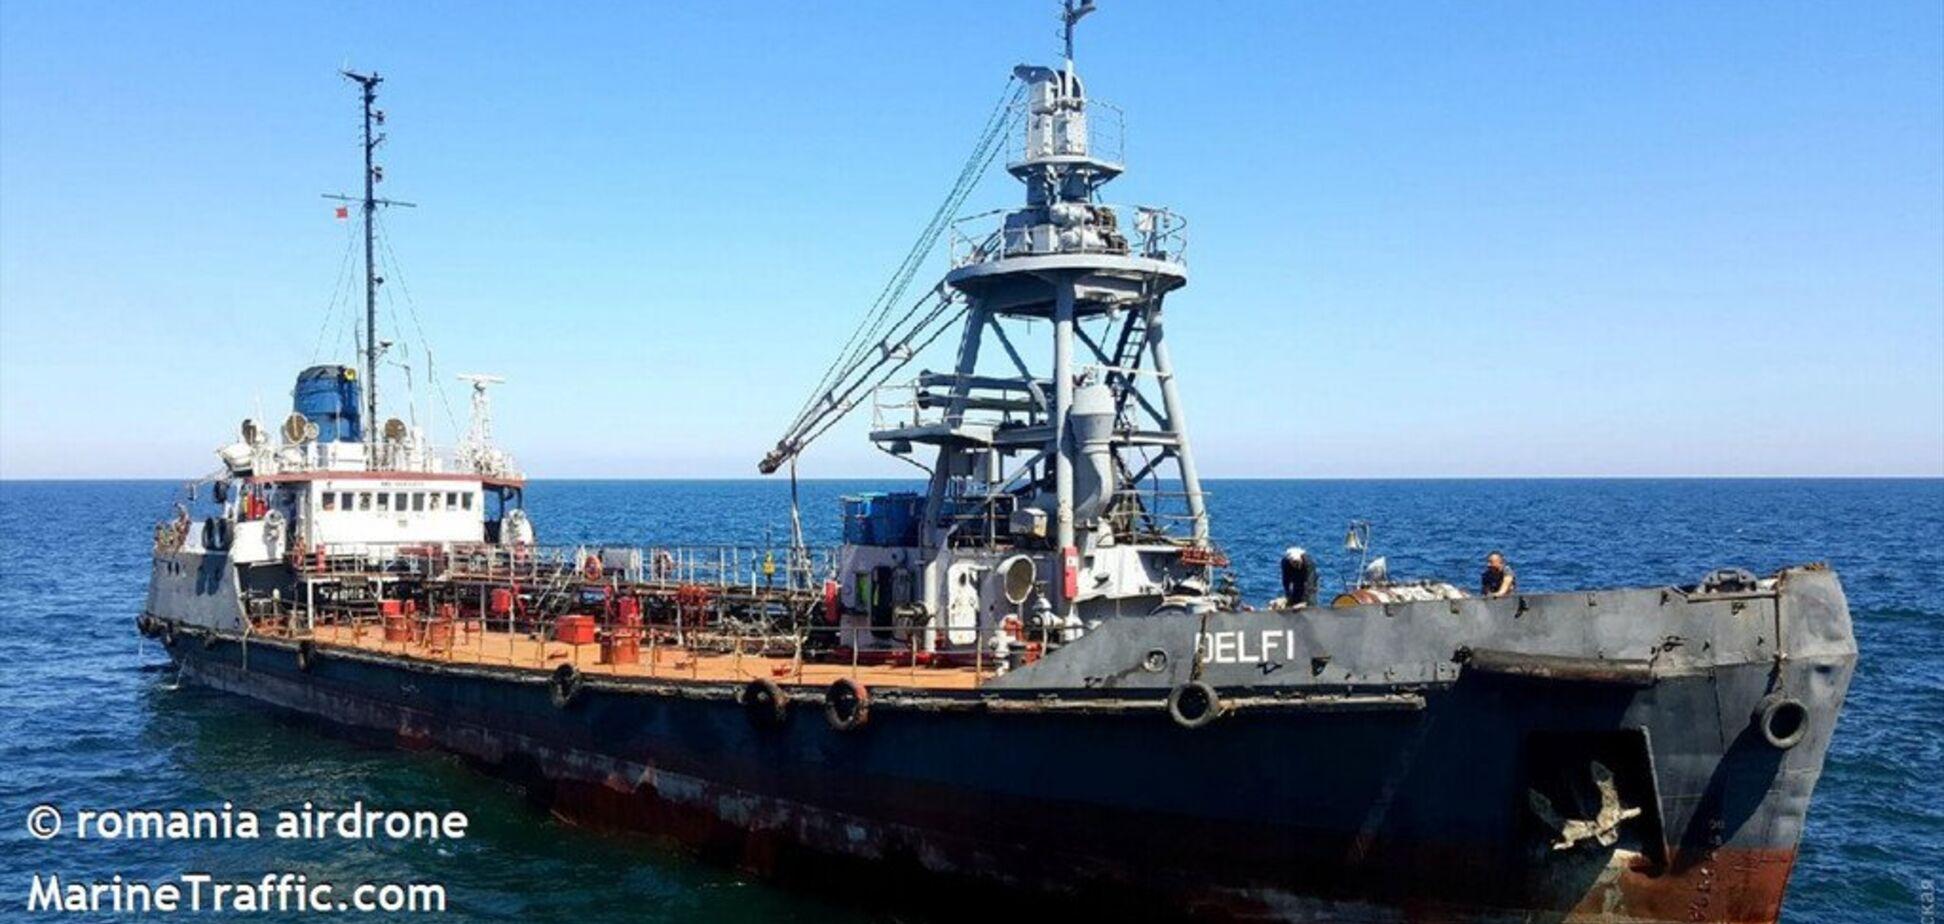 Сорвало с якоря: в Одессе судно попало в страшную ловушку из-за шторма